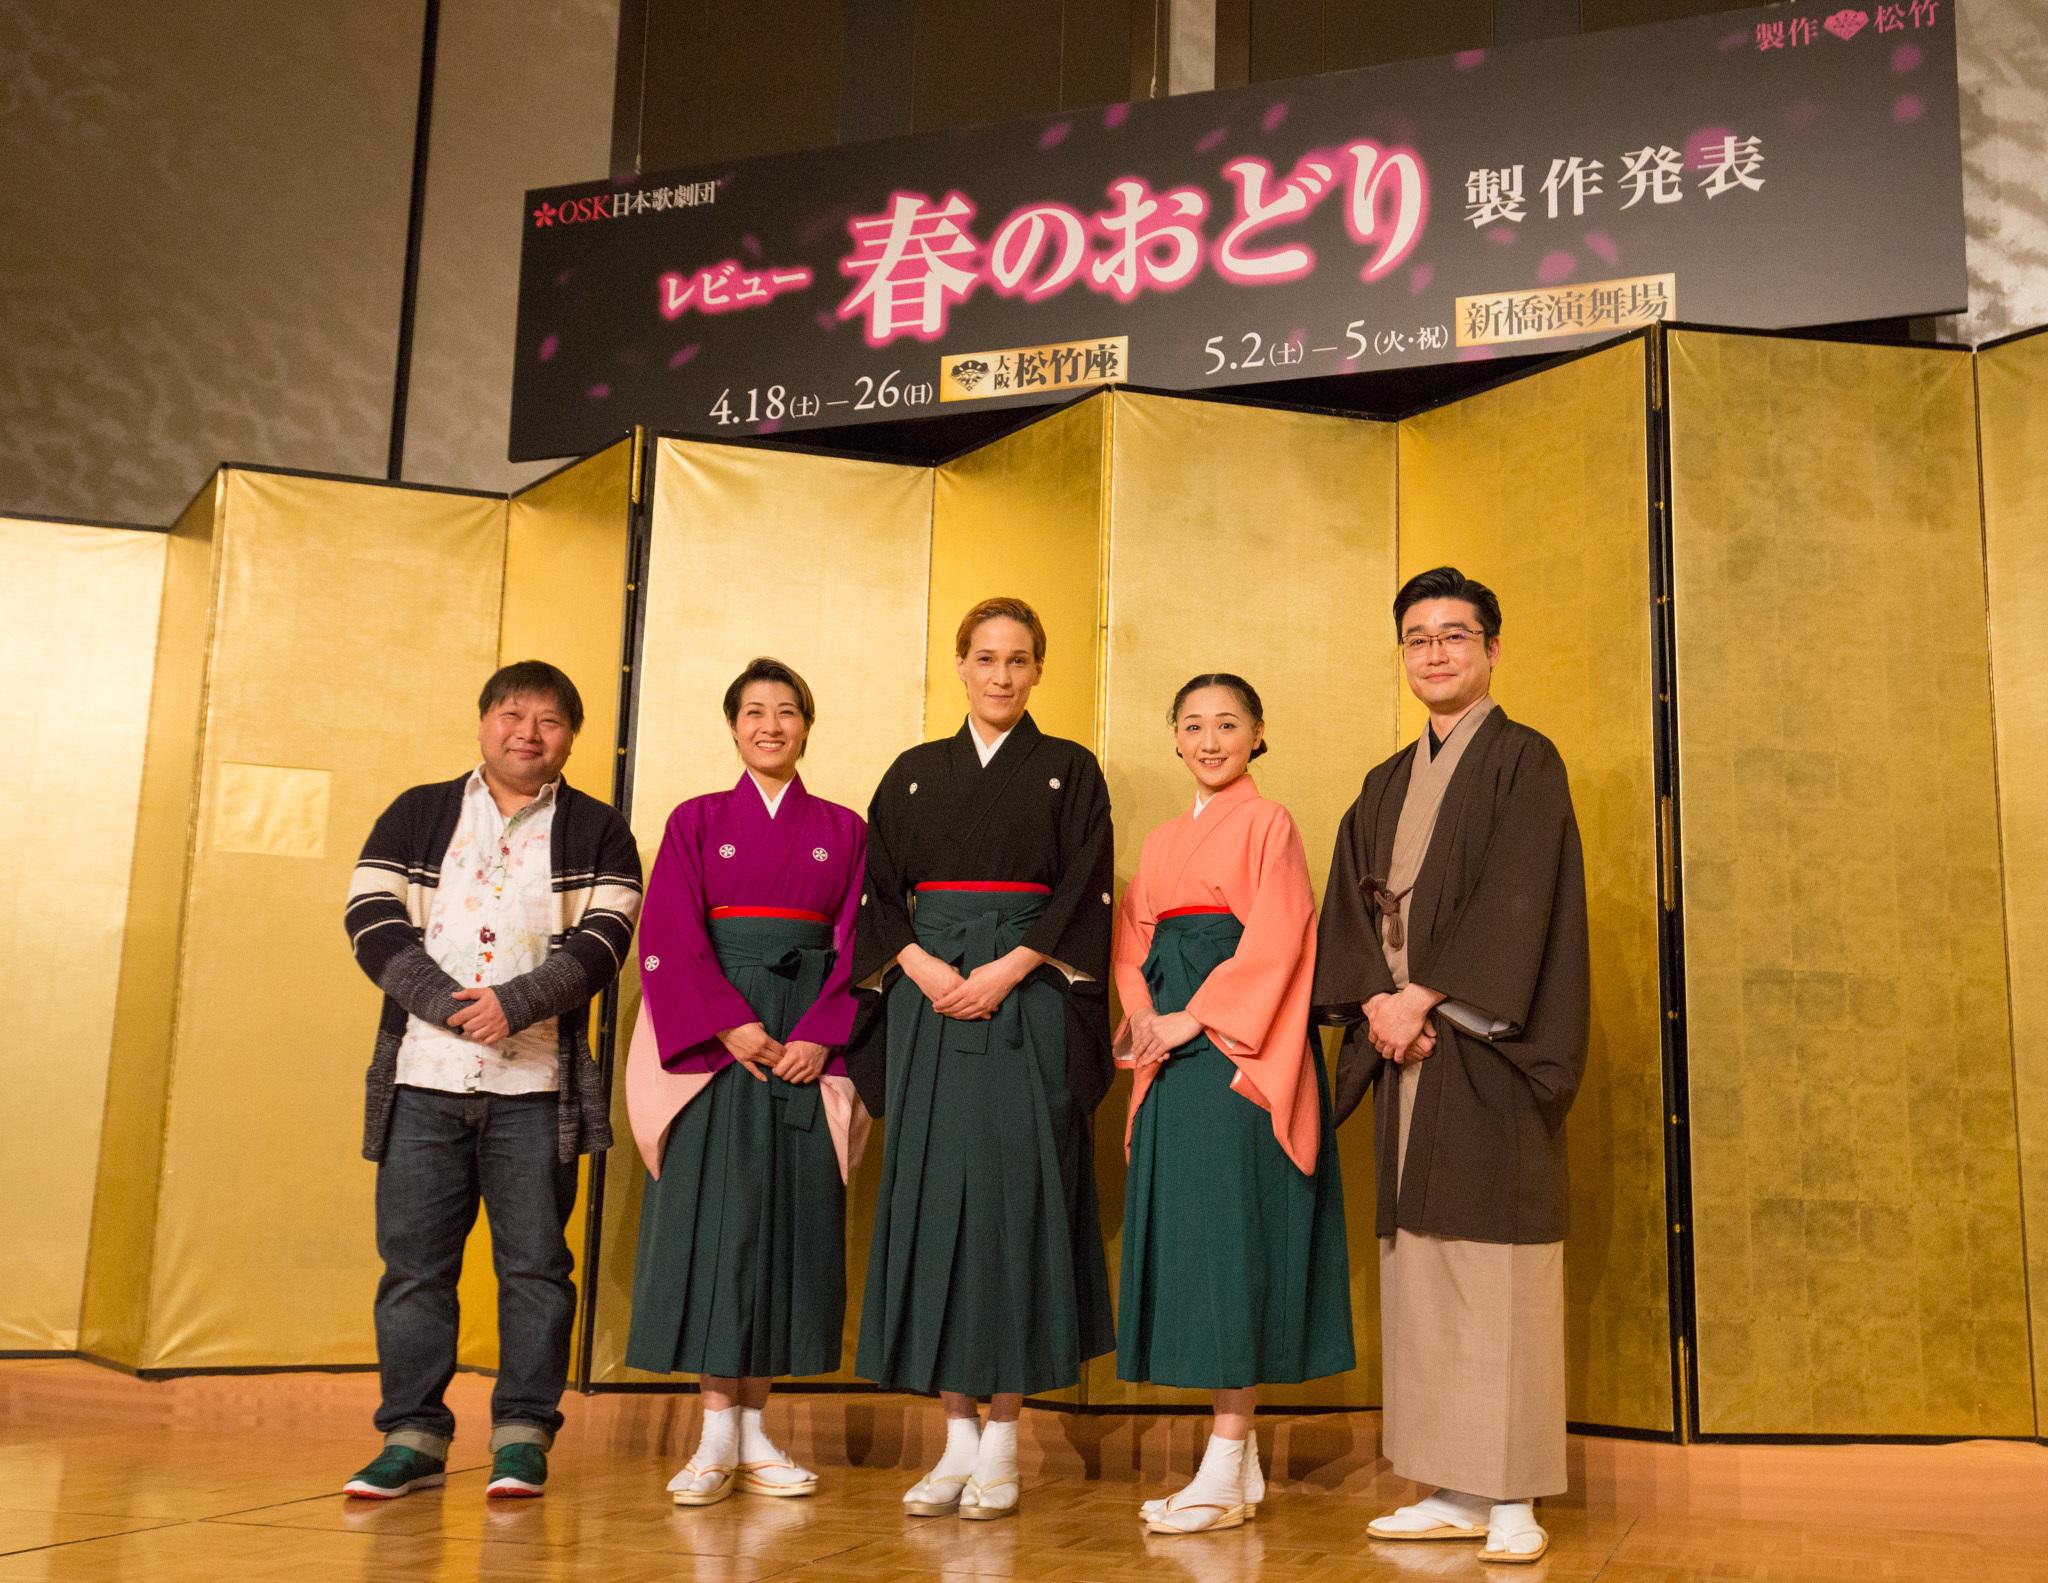 OSK日本歌劇団『レビュー 春のおどり』